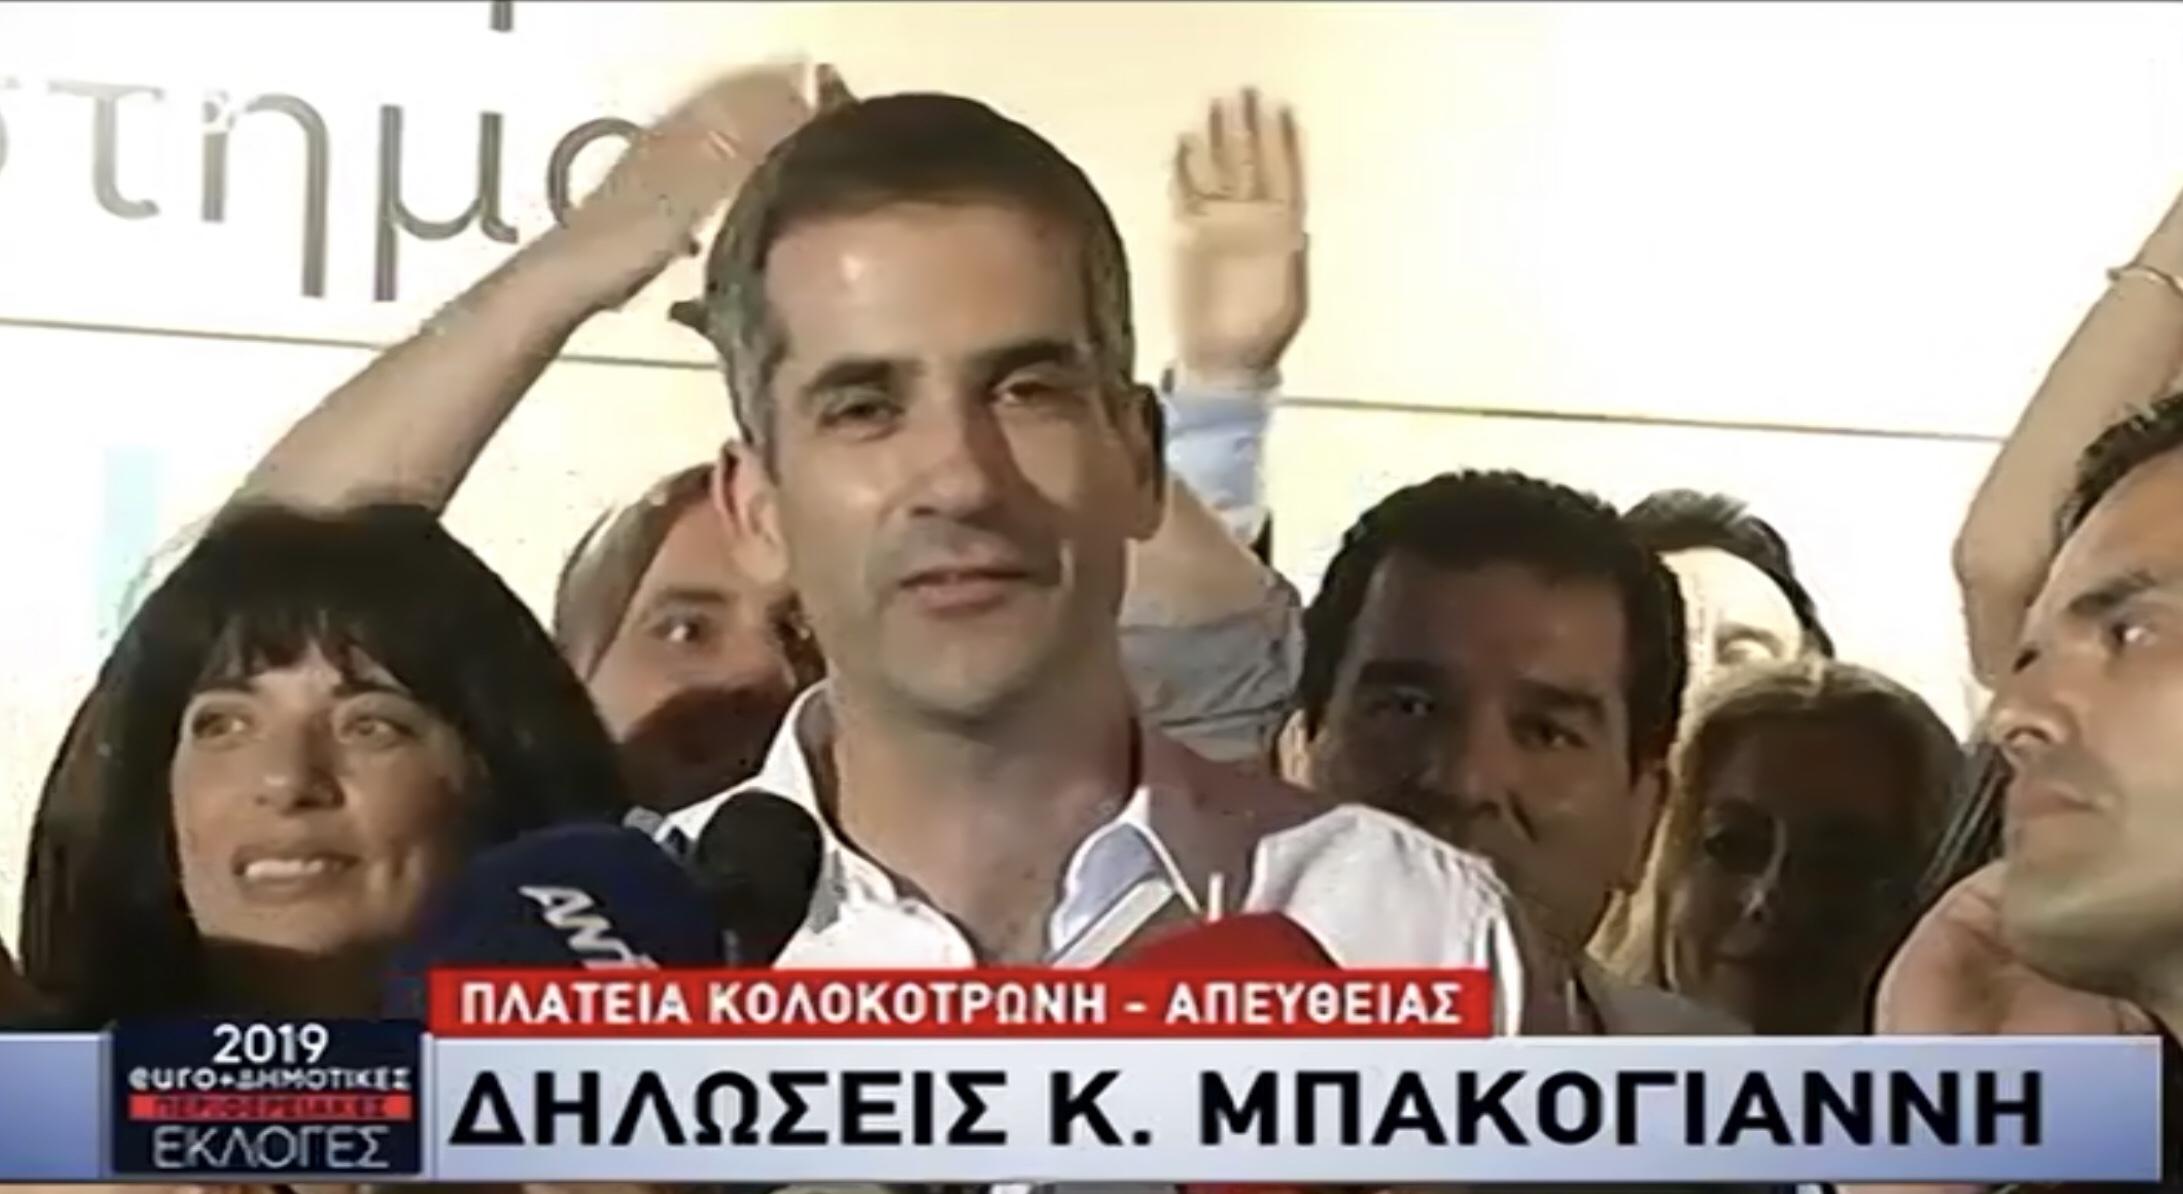 Μπράβο στον Μπακογιάννη. Αποδόμησε τον Καμίνη και έδωσε συγχαρητήρια σε Ηλιόπουλο, Γερουλάνο και Σοφιανό.